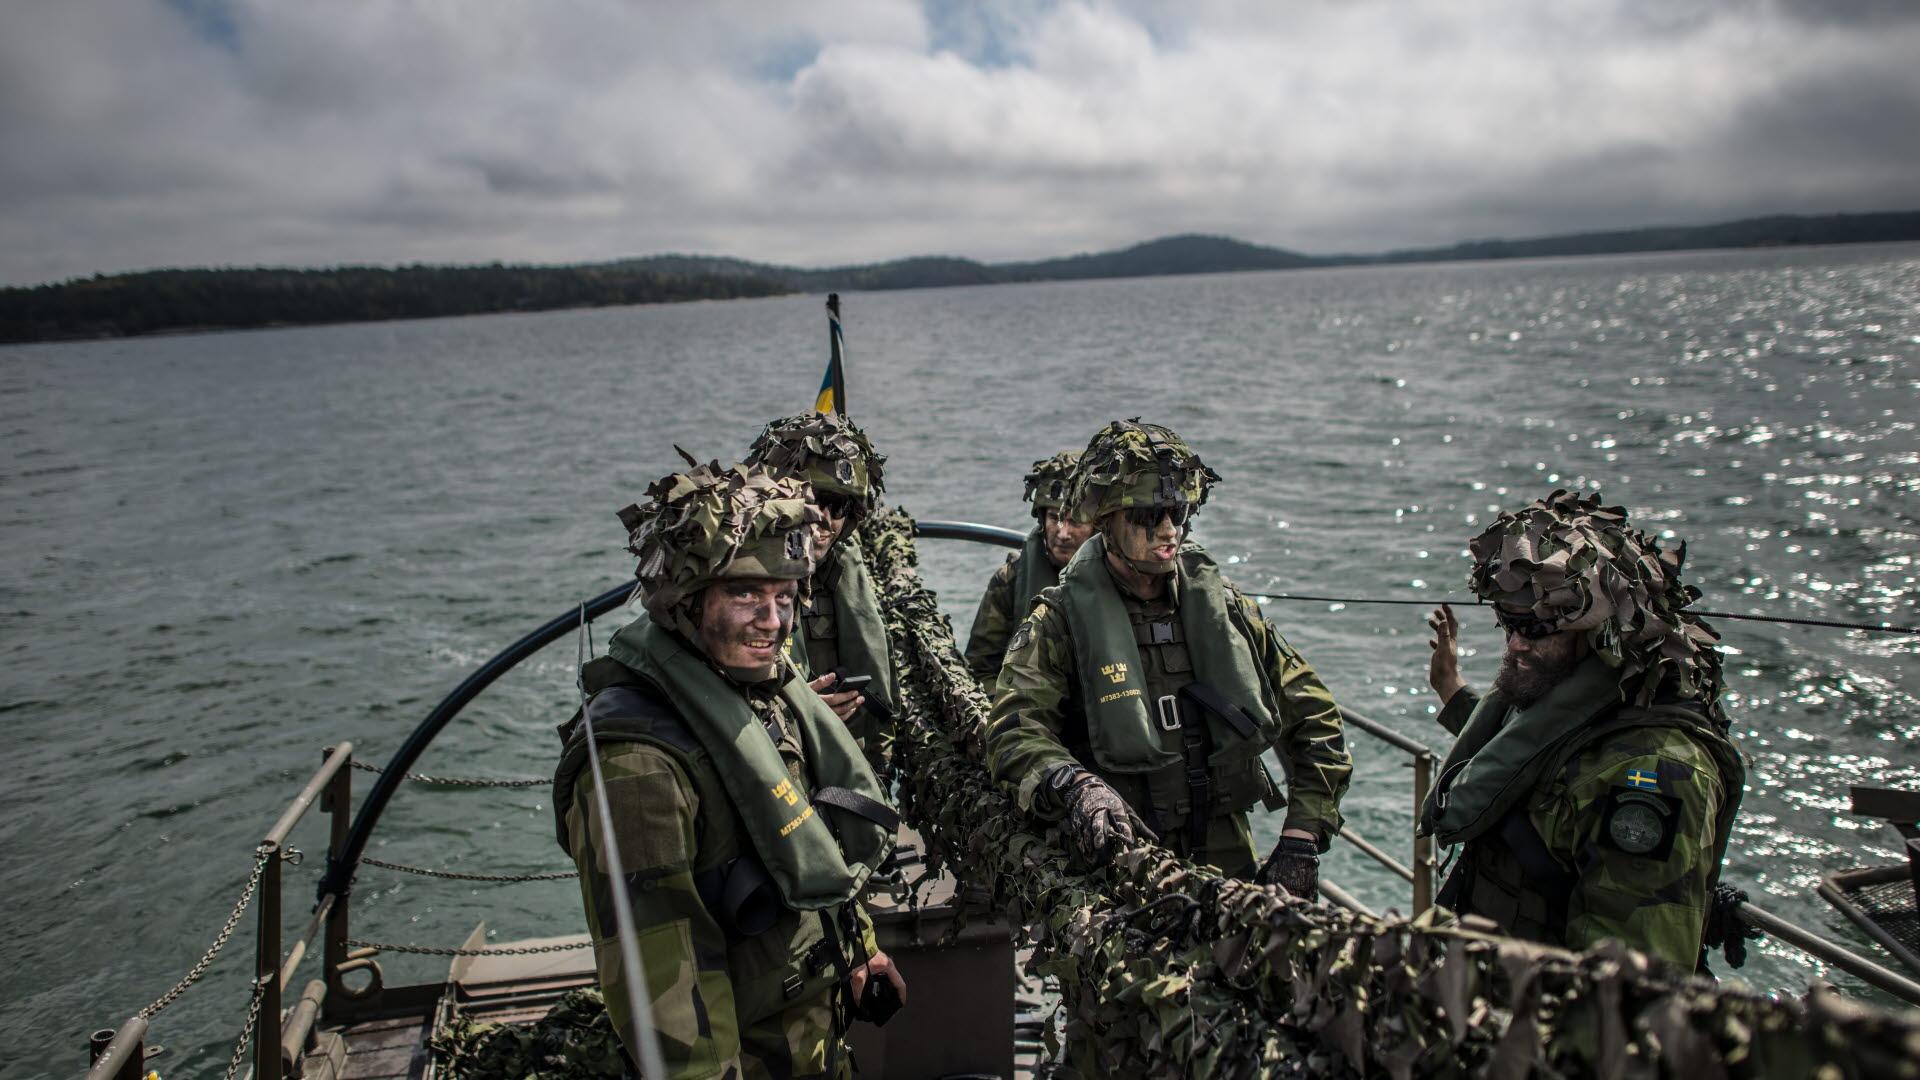 Vägen framåt Försvarsmakten